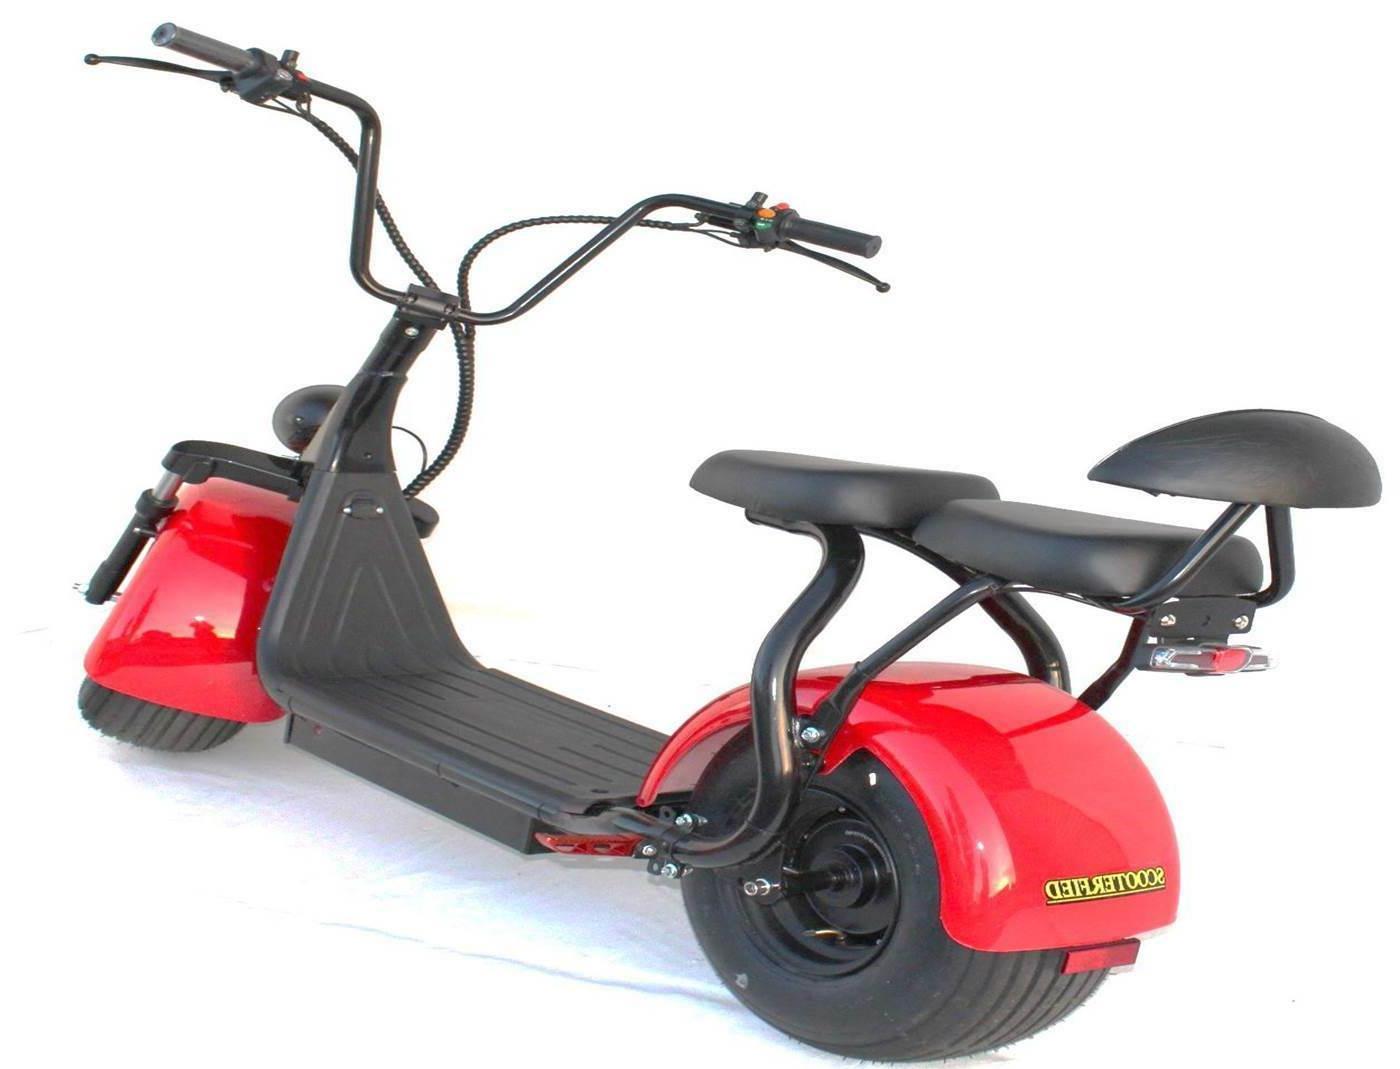 2 2000w Electric Scooter Scooterfied.com Chopper Bike watt